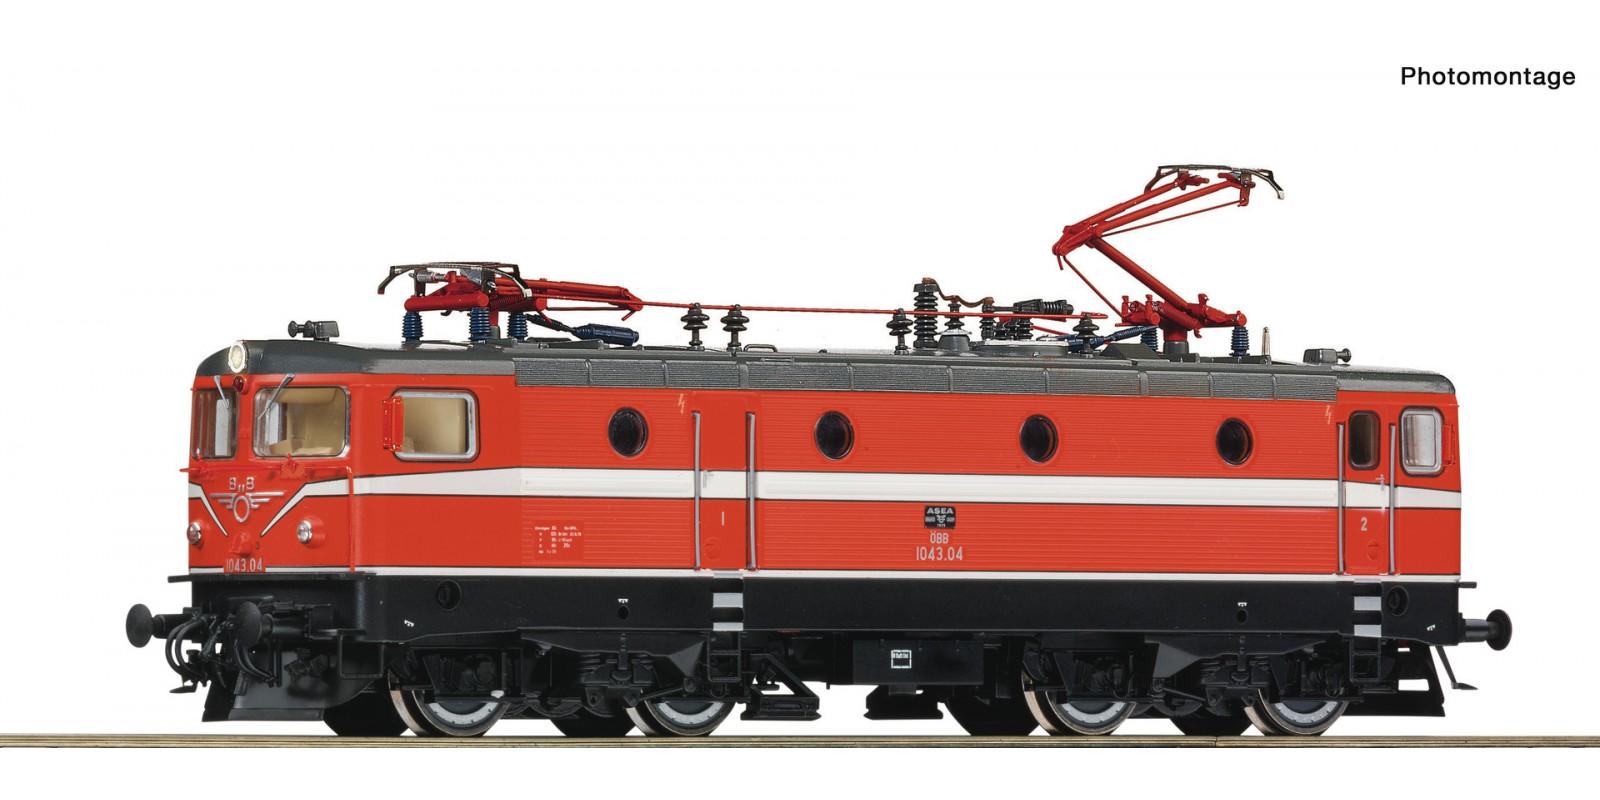 RO70453 Electric locomotive 1043.04